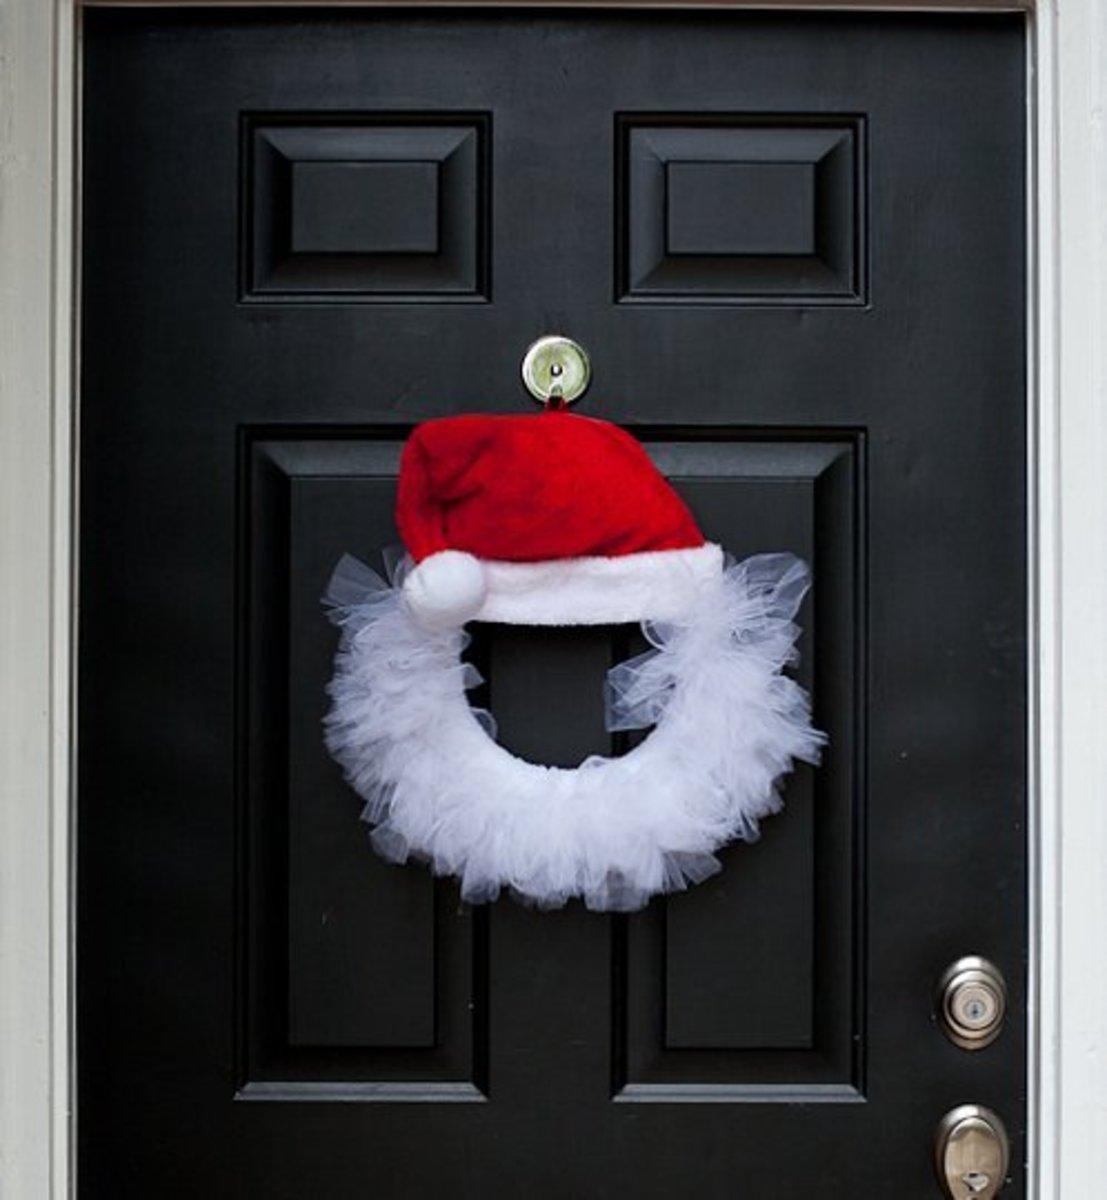 Santa knocking at the door.